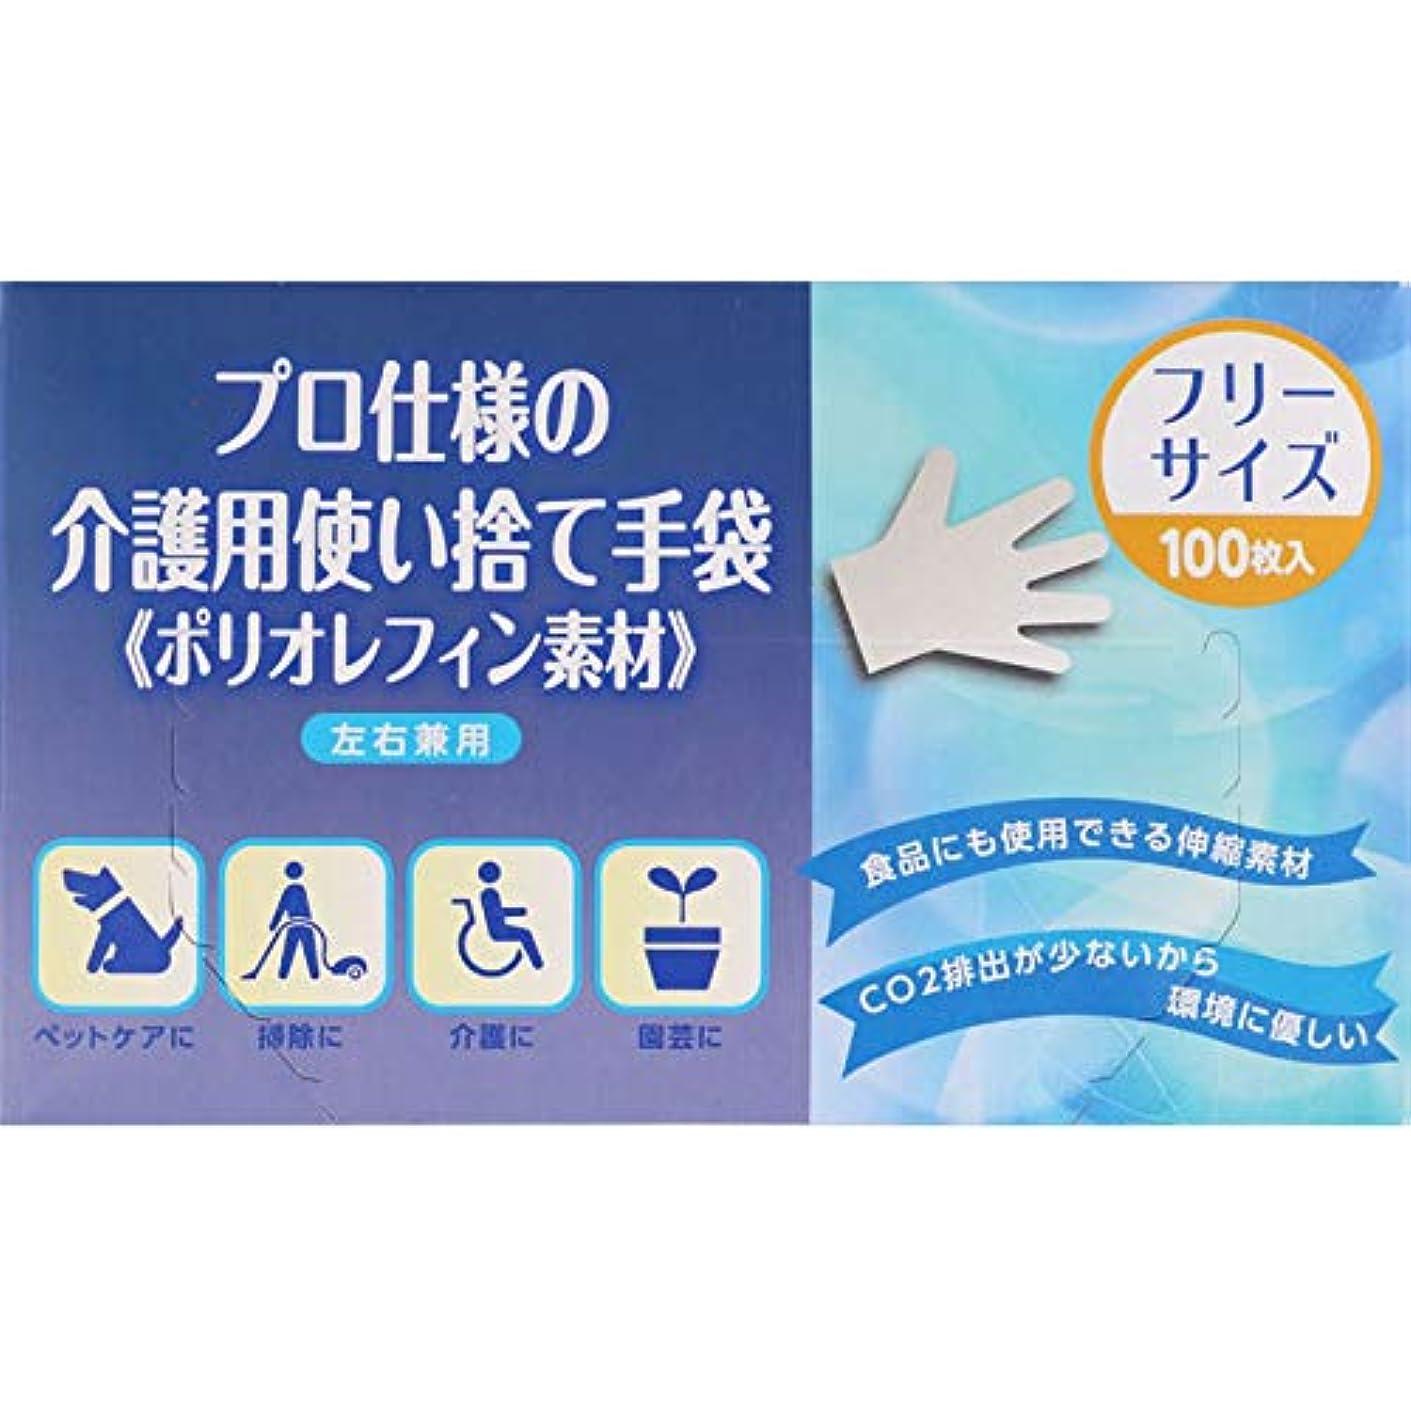 ライバル睡眠コードレス【5個セット】プロ仕様の介護用使い捨て手袋《ポリオレフィン素材》 100枚